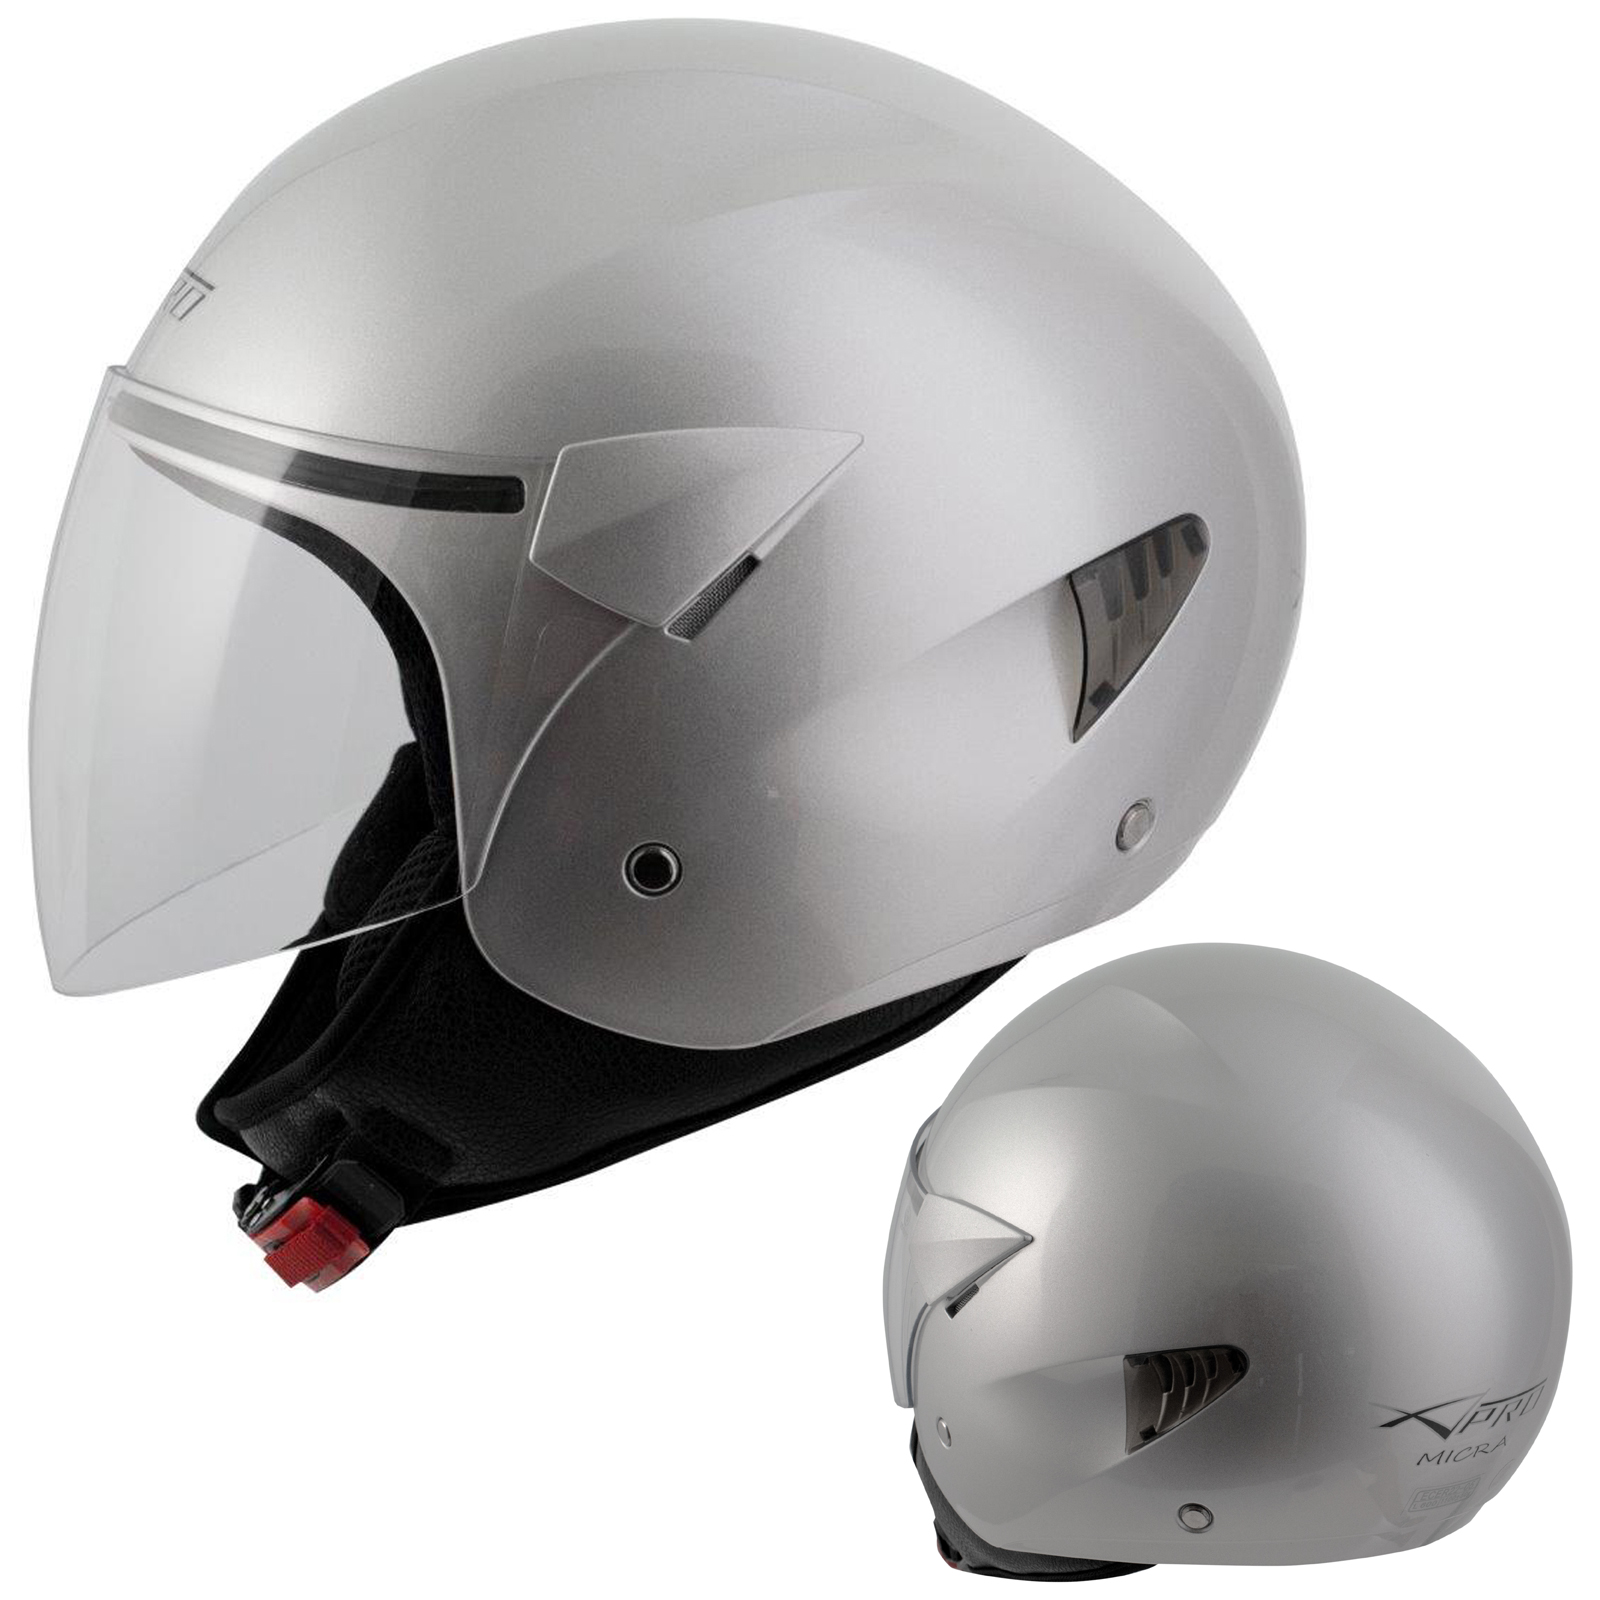 Casco-Jet-Scooter-Moto-Omologato-ECE-22-05-Visiera-Antigraffio-Trasparente